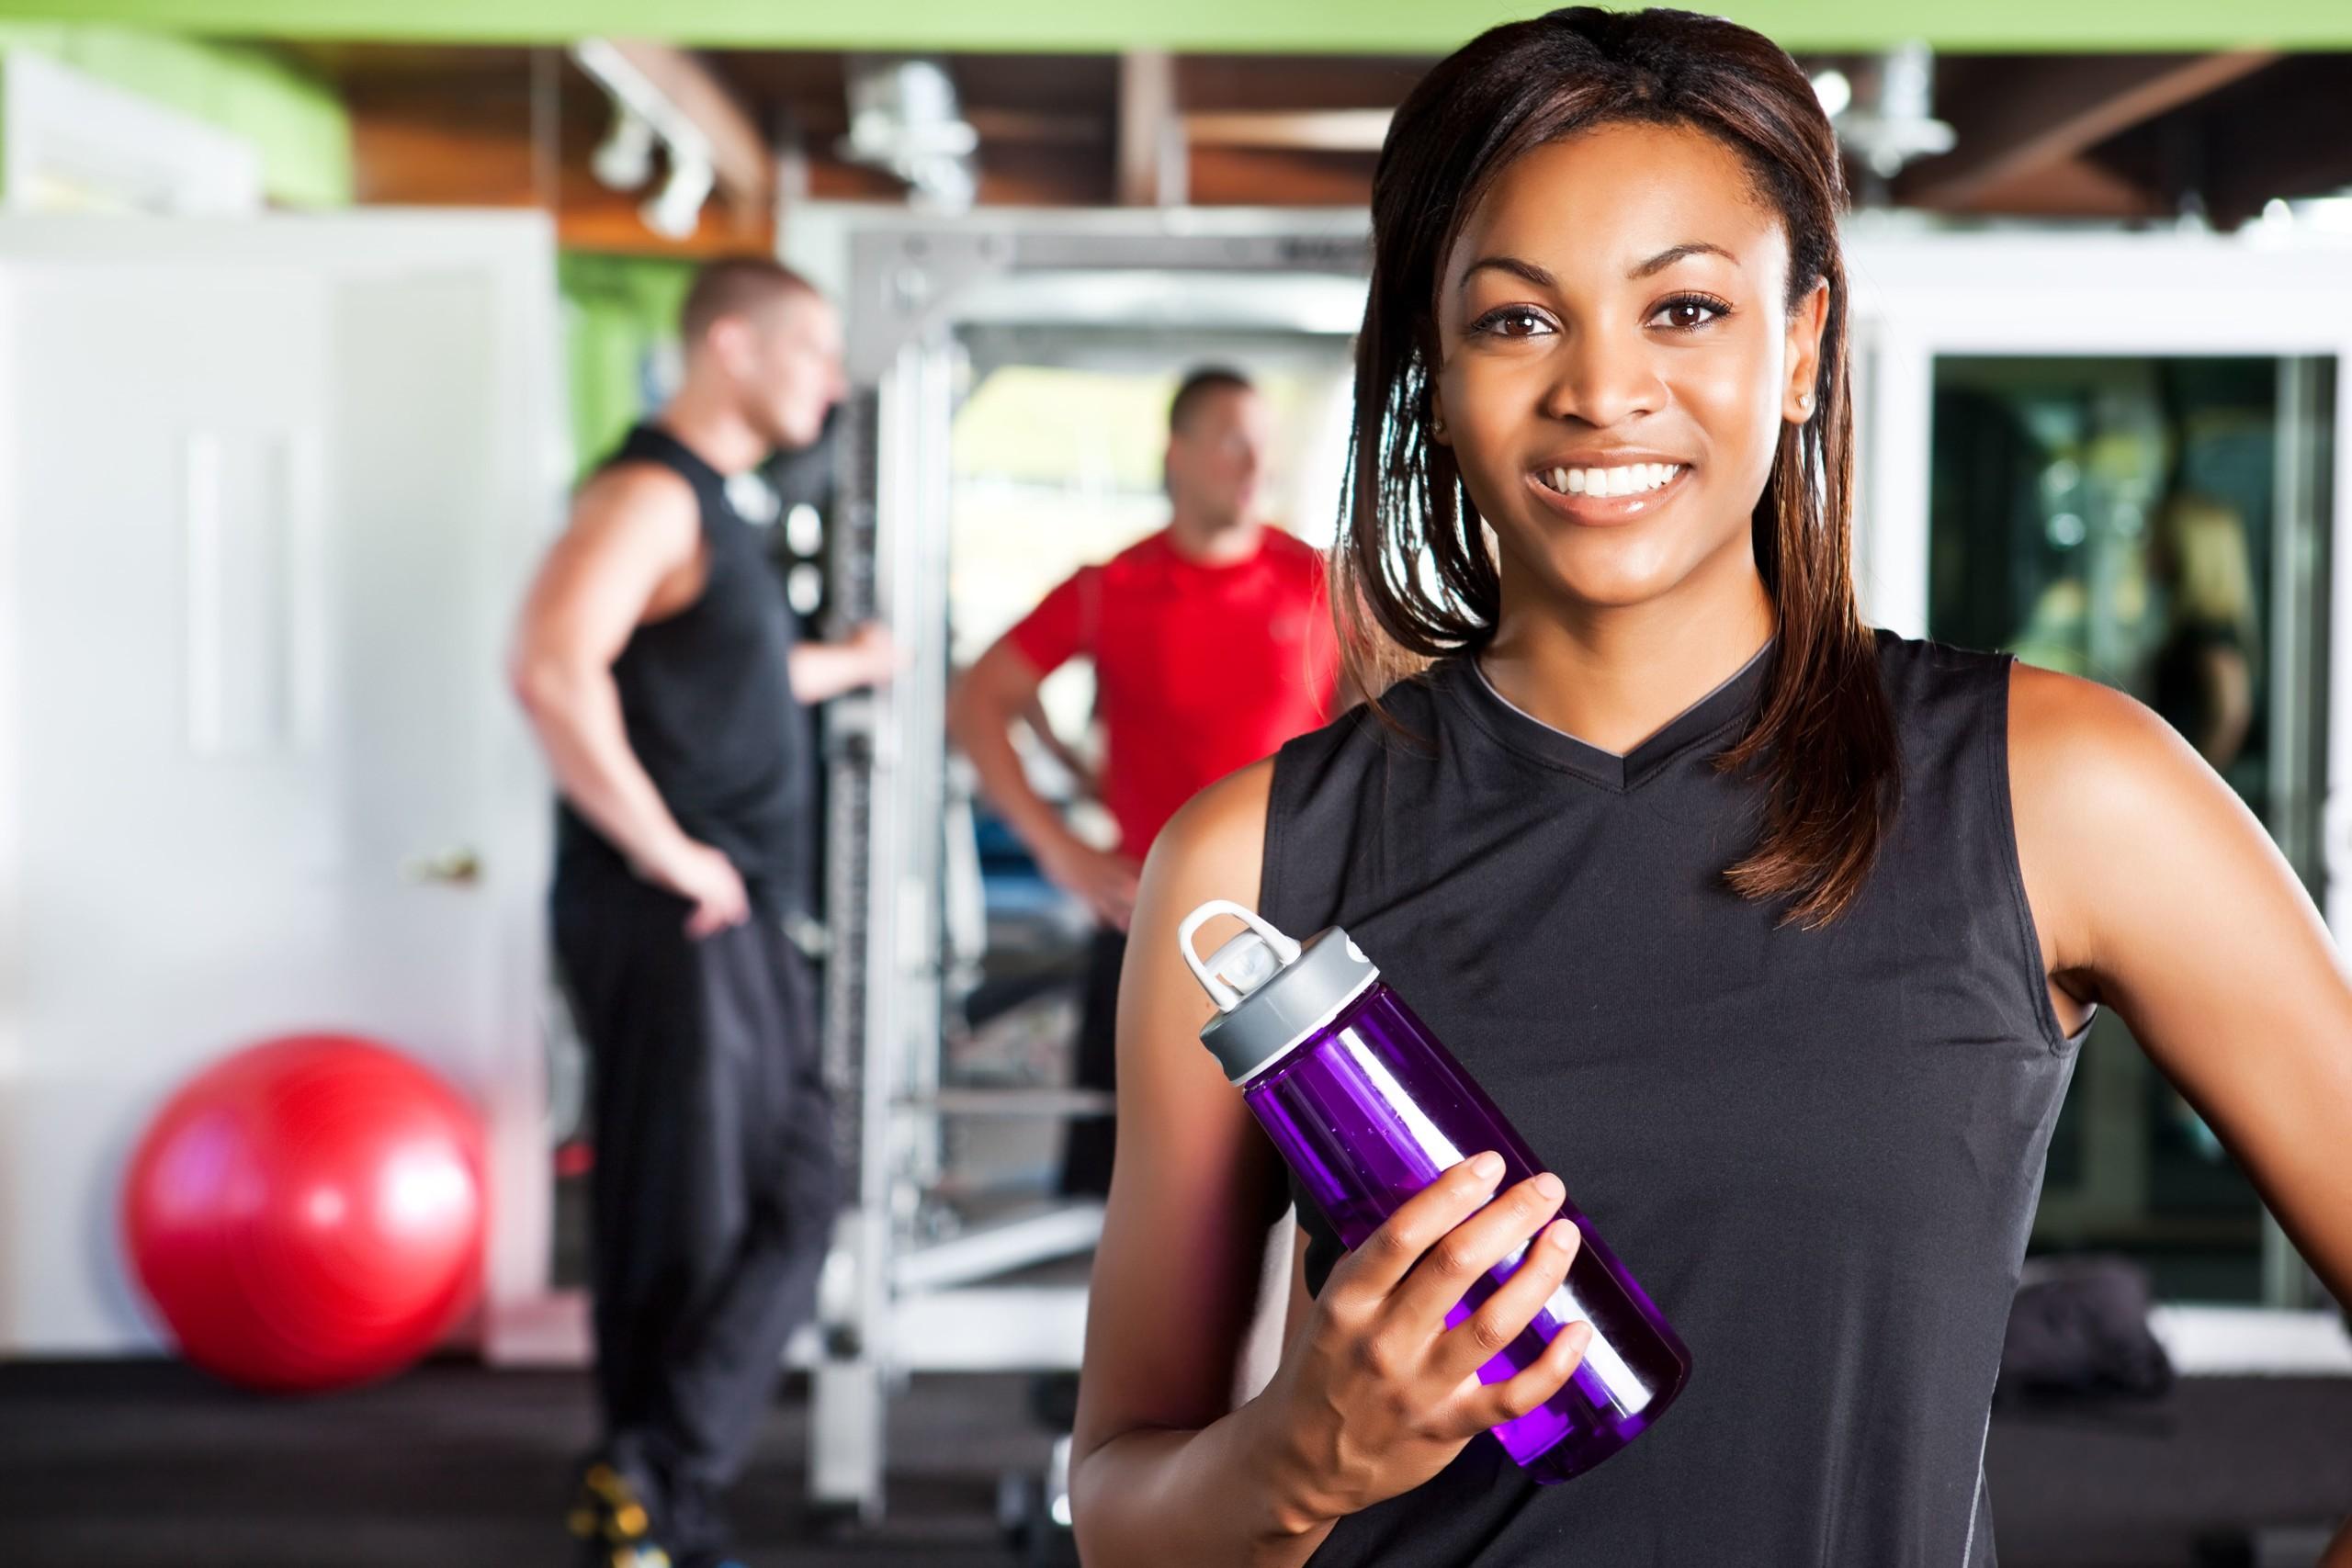 女性が水筒を持ちながら笑顔で写真を取っている。